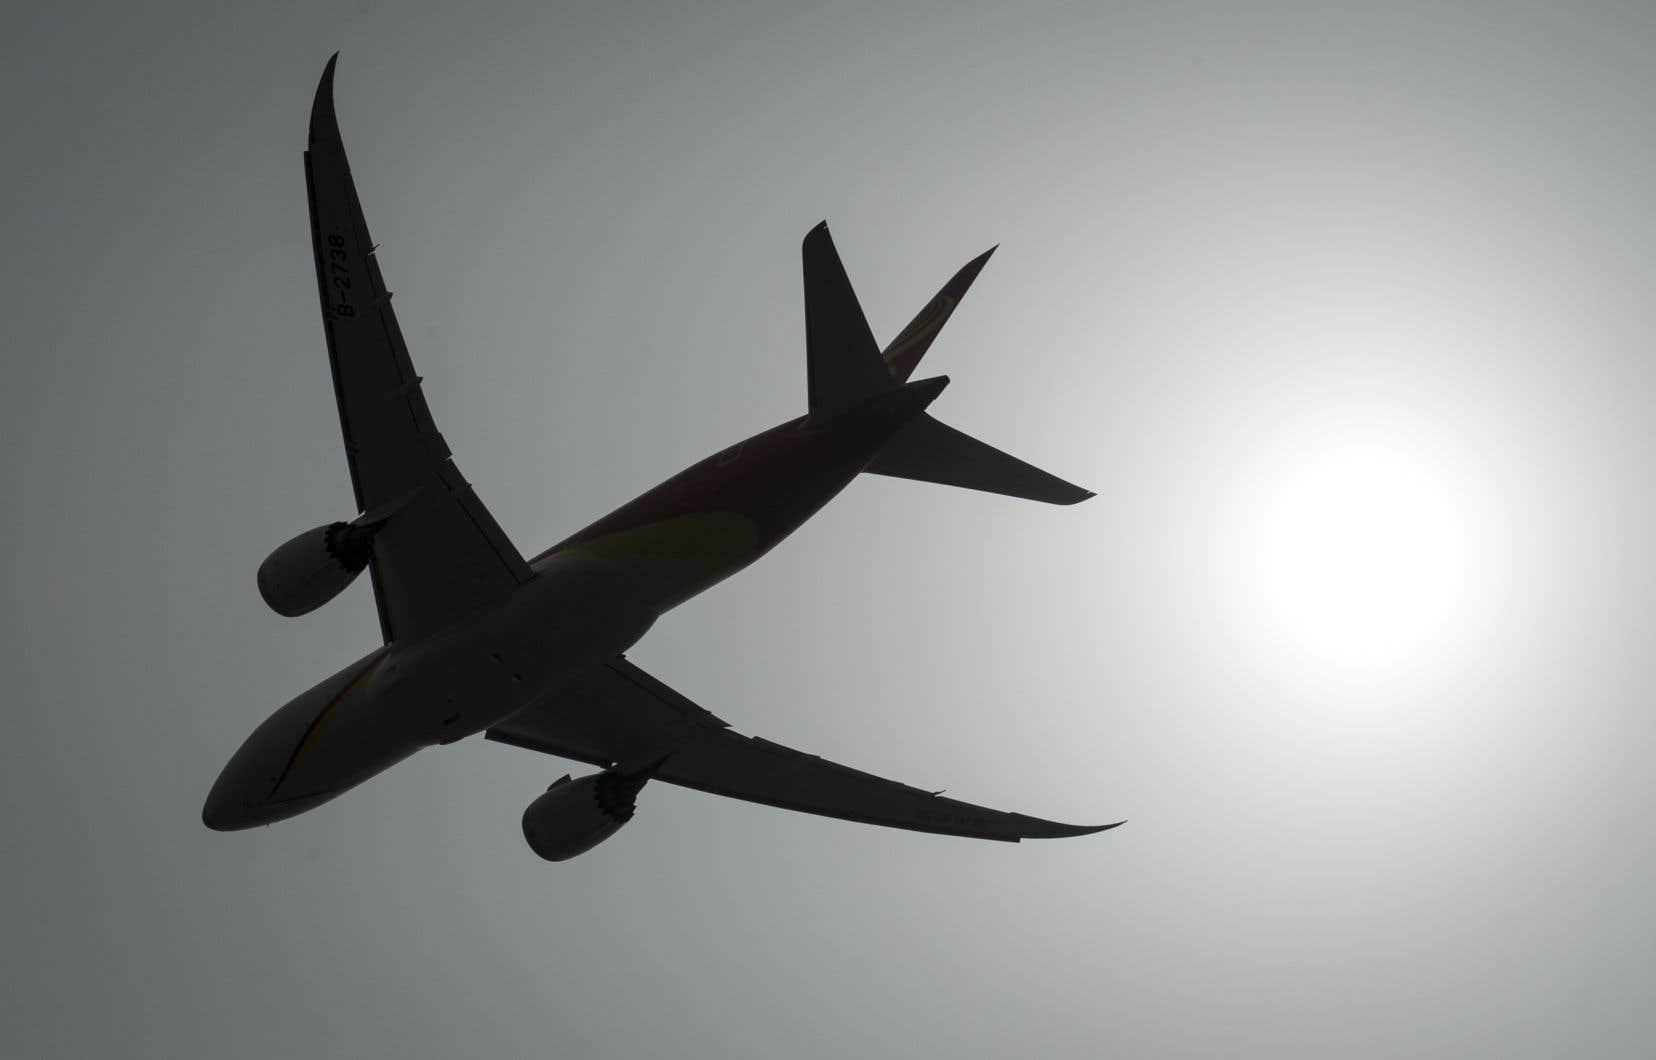 Pour la première fois depuis avril, des demandes de statut de réfugié ont été déposées dans des aéroports.